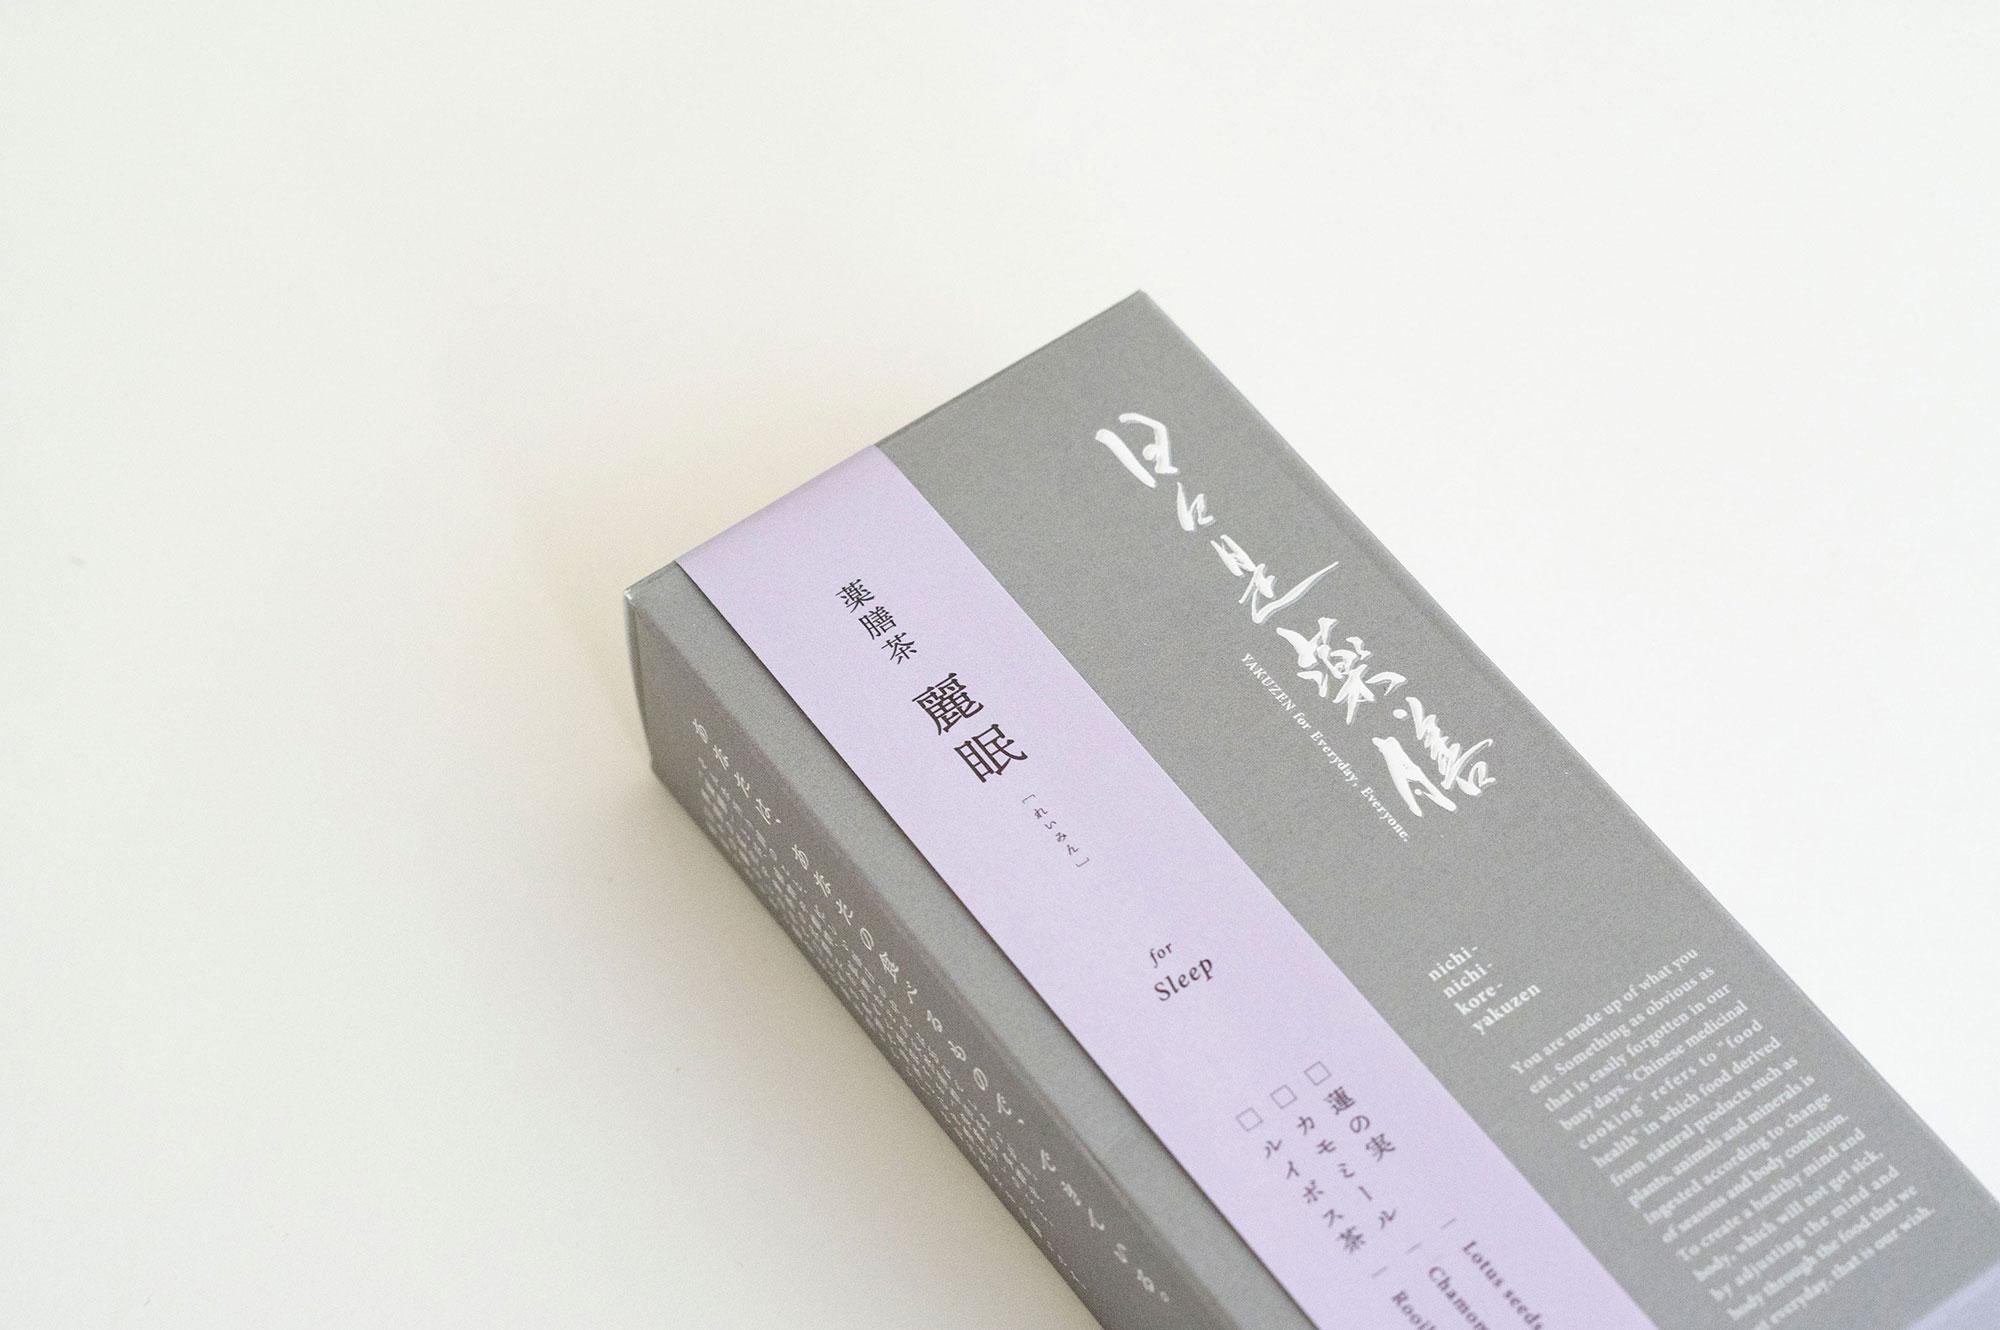 日々是薬膳 薬膳茶 麗眠[れいみん]for Sleep ティーバッグBOX